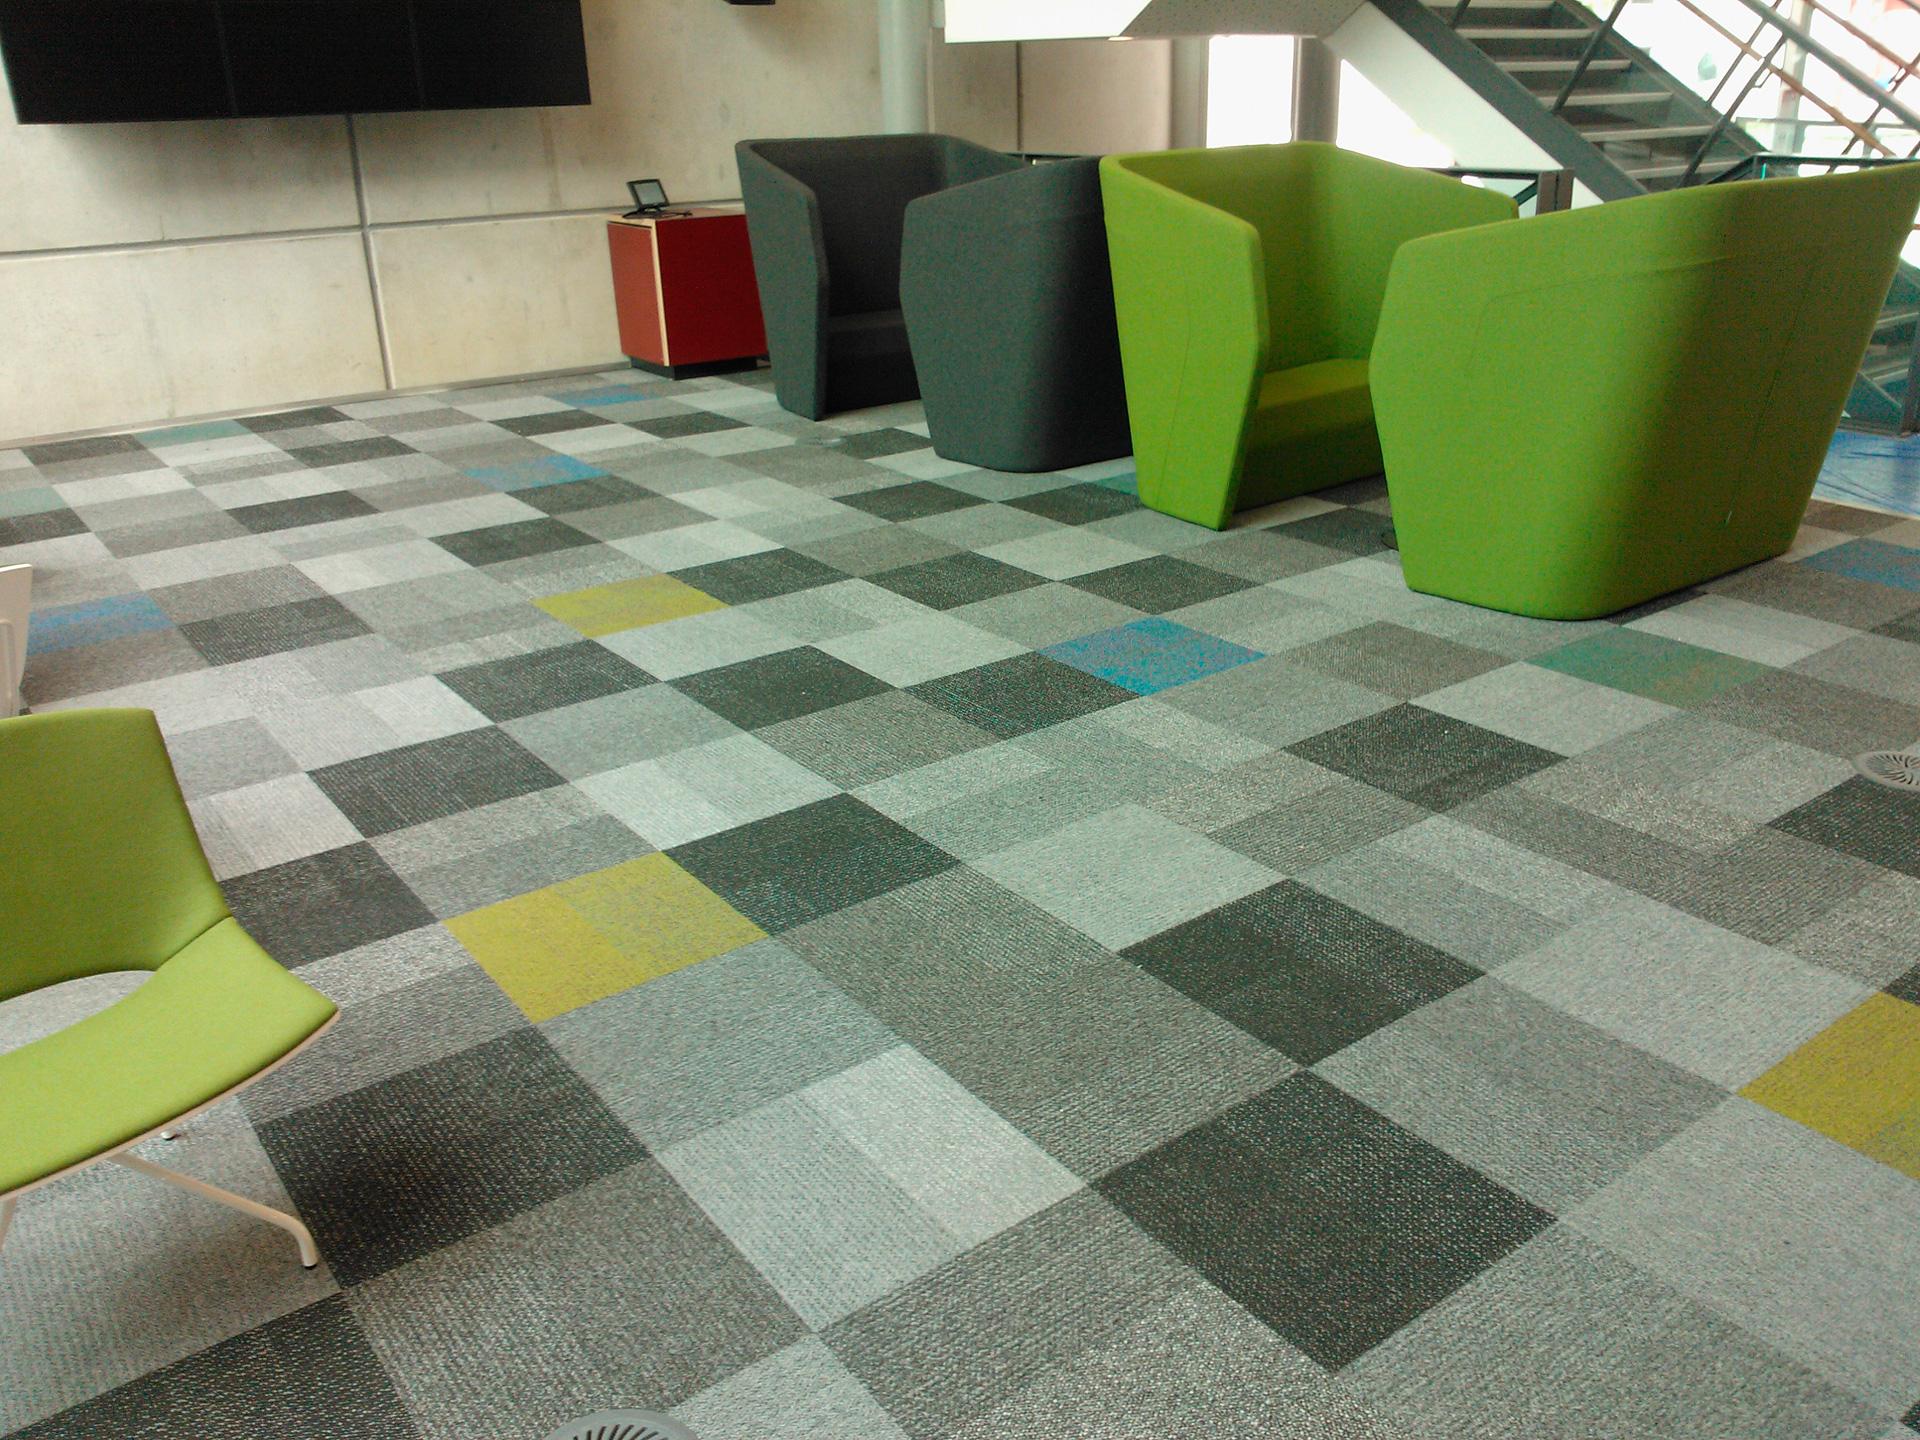 Vinyl tiles black and white checkered tile tile design for Cheap lino flooring and fitting